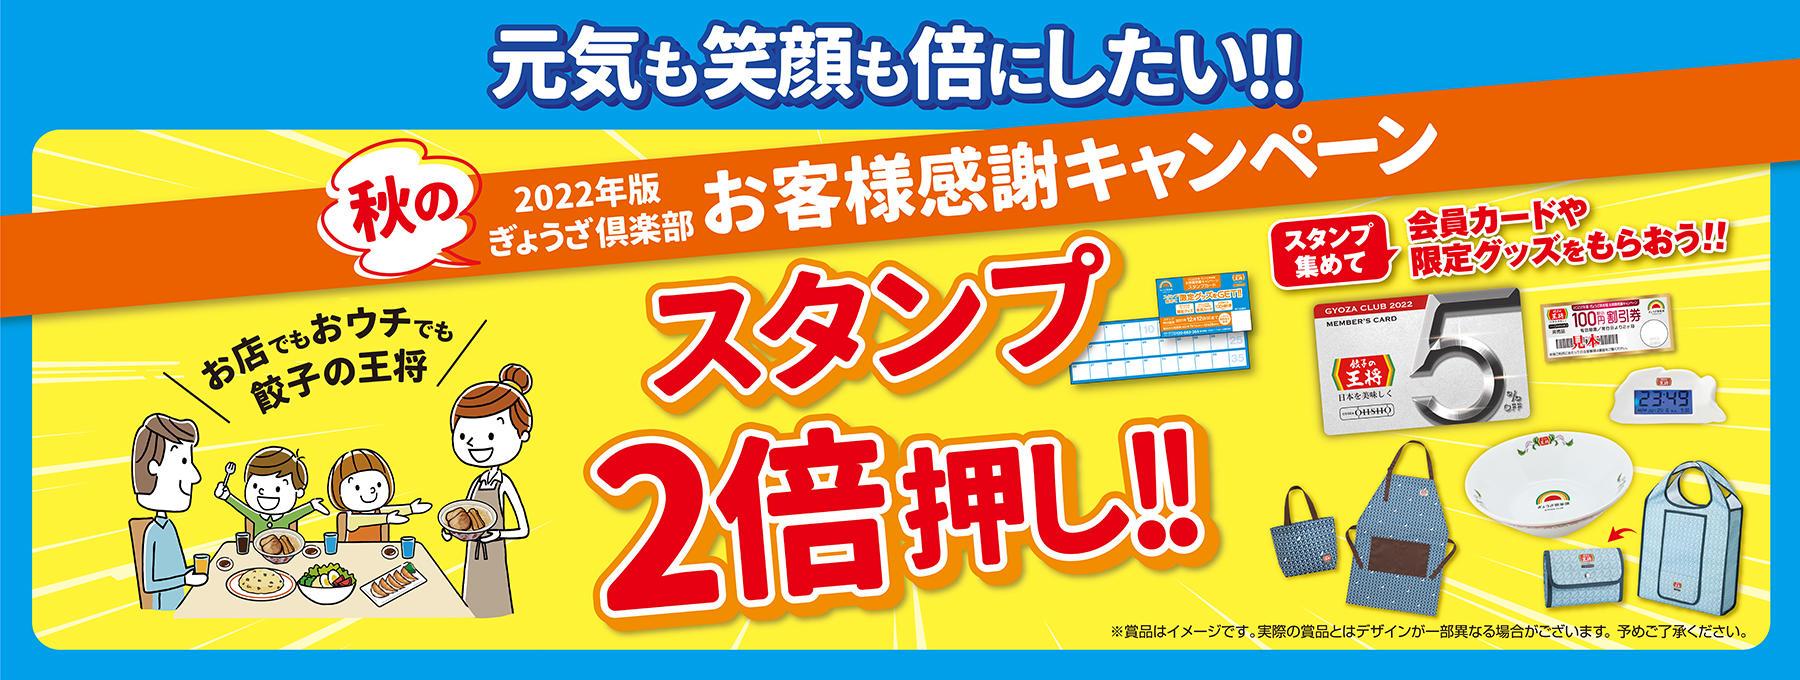 2bai21_09info.jpg